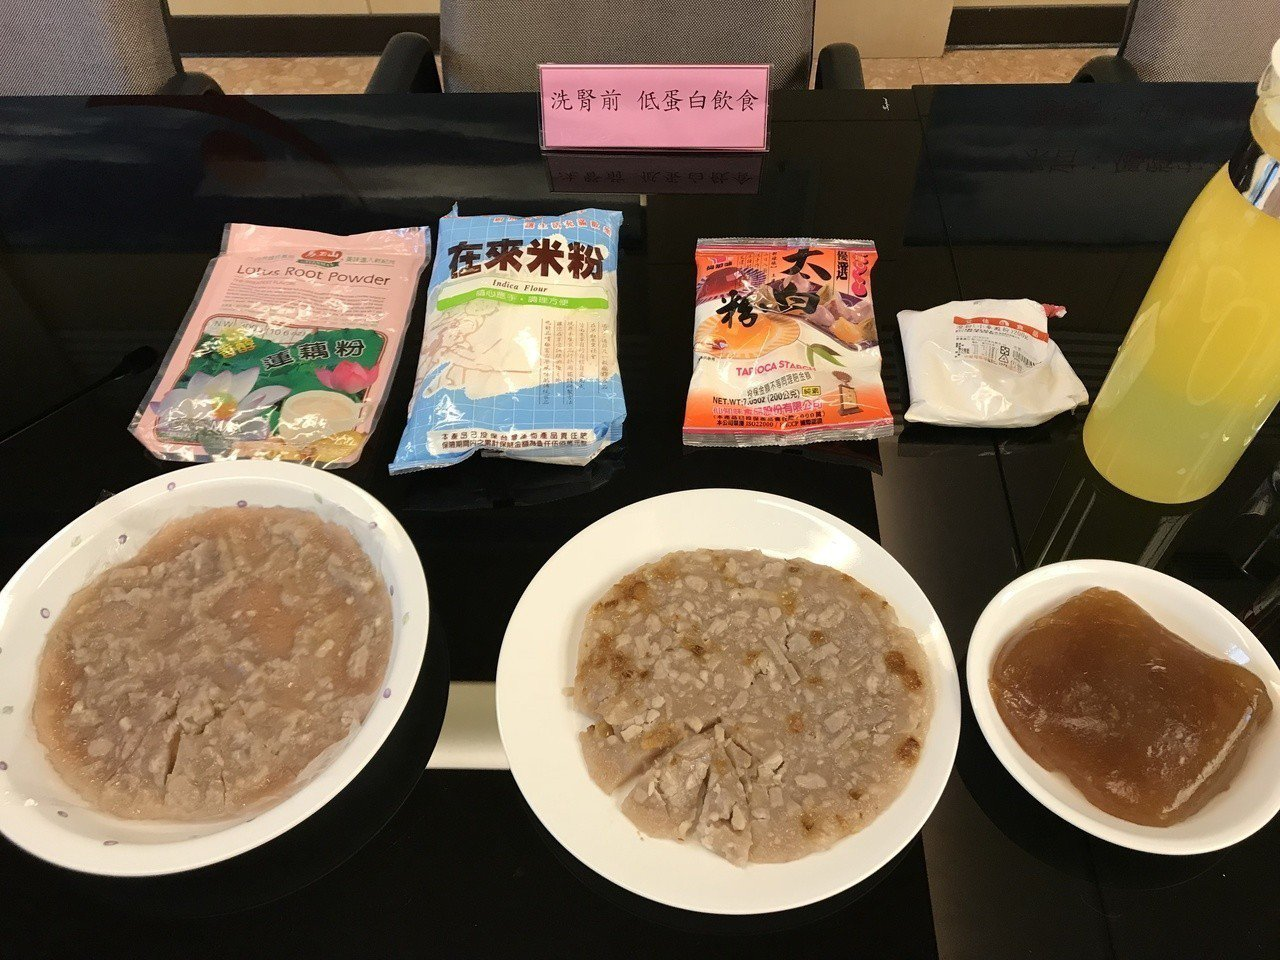 台北榮民總醫院桃園分院,呼籲民眾在飲食方面,更需注重「磷」攝取,避免造成健康危害...